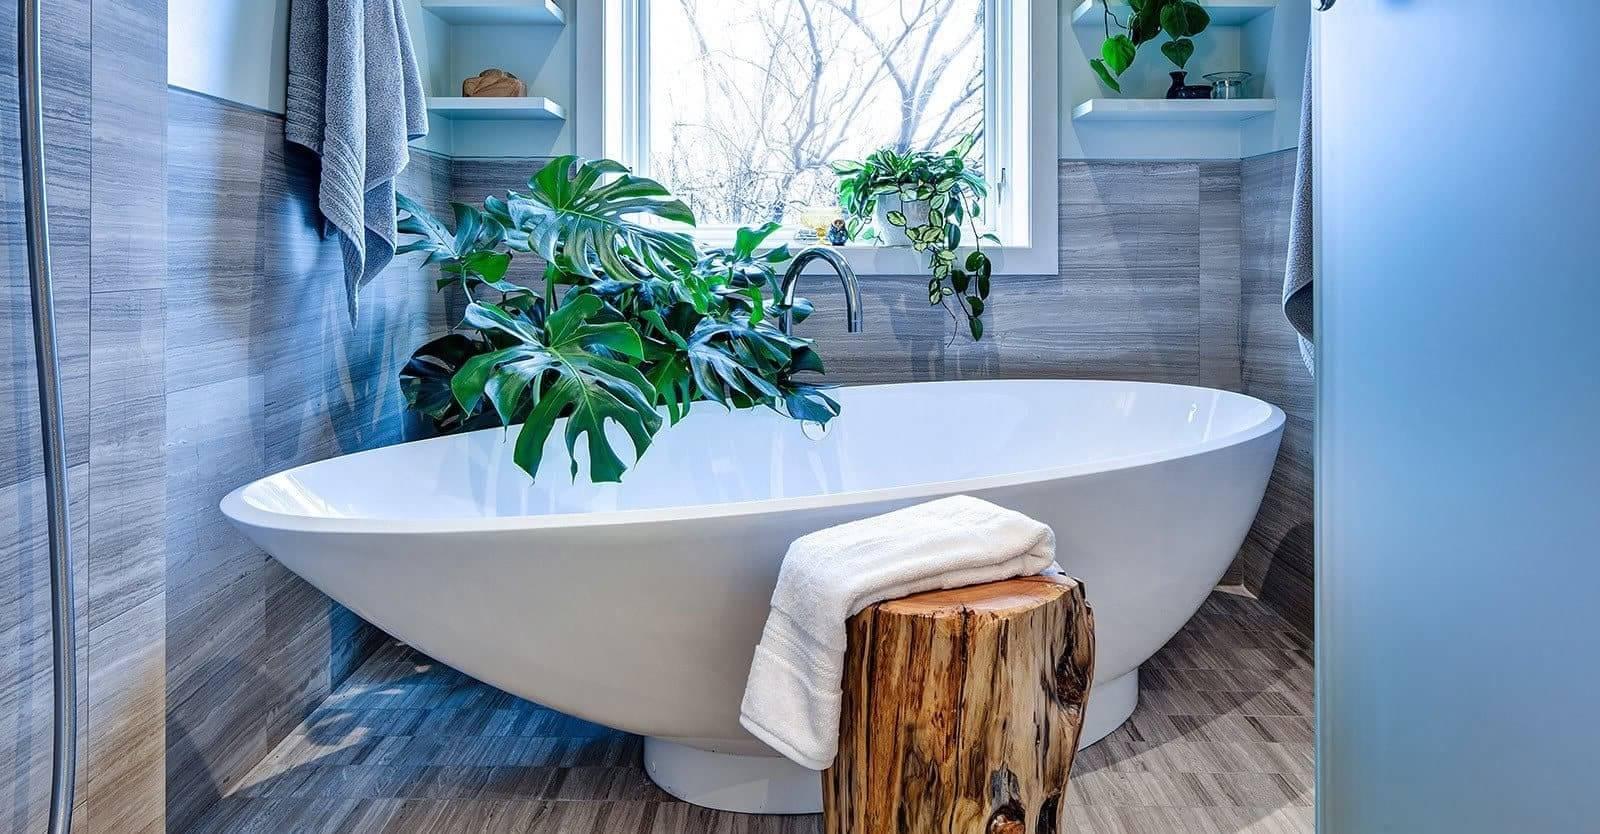 Монстера (привлекательная) - сделает вашу ванную комнату особенной